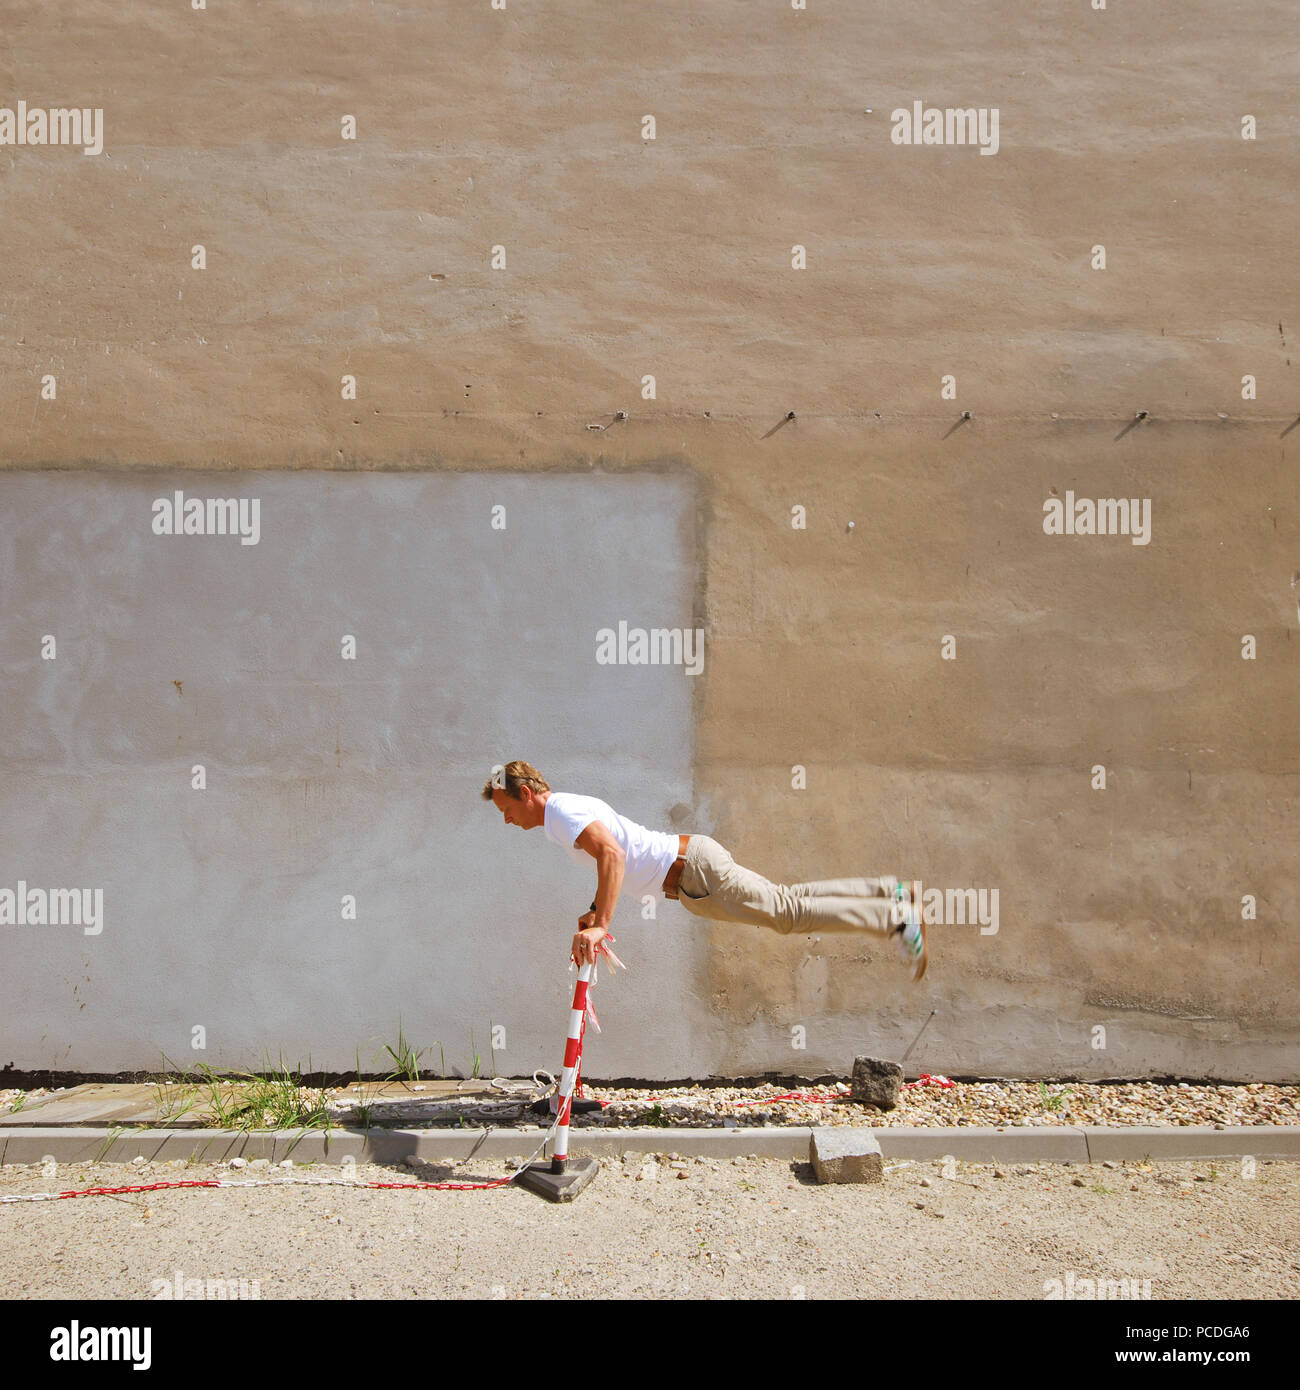 Springen, Gymnastik, Parkour Stockbild